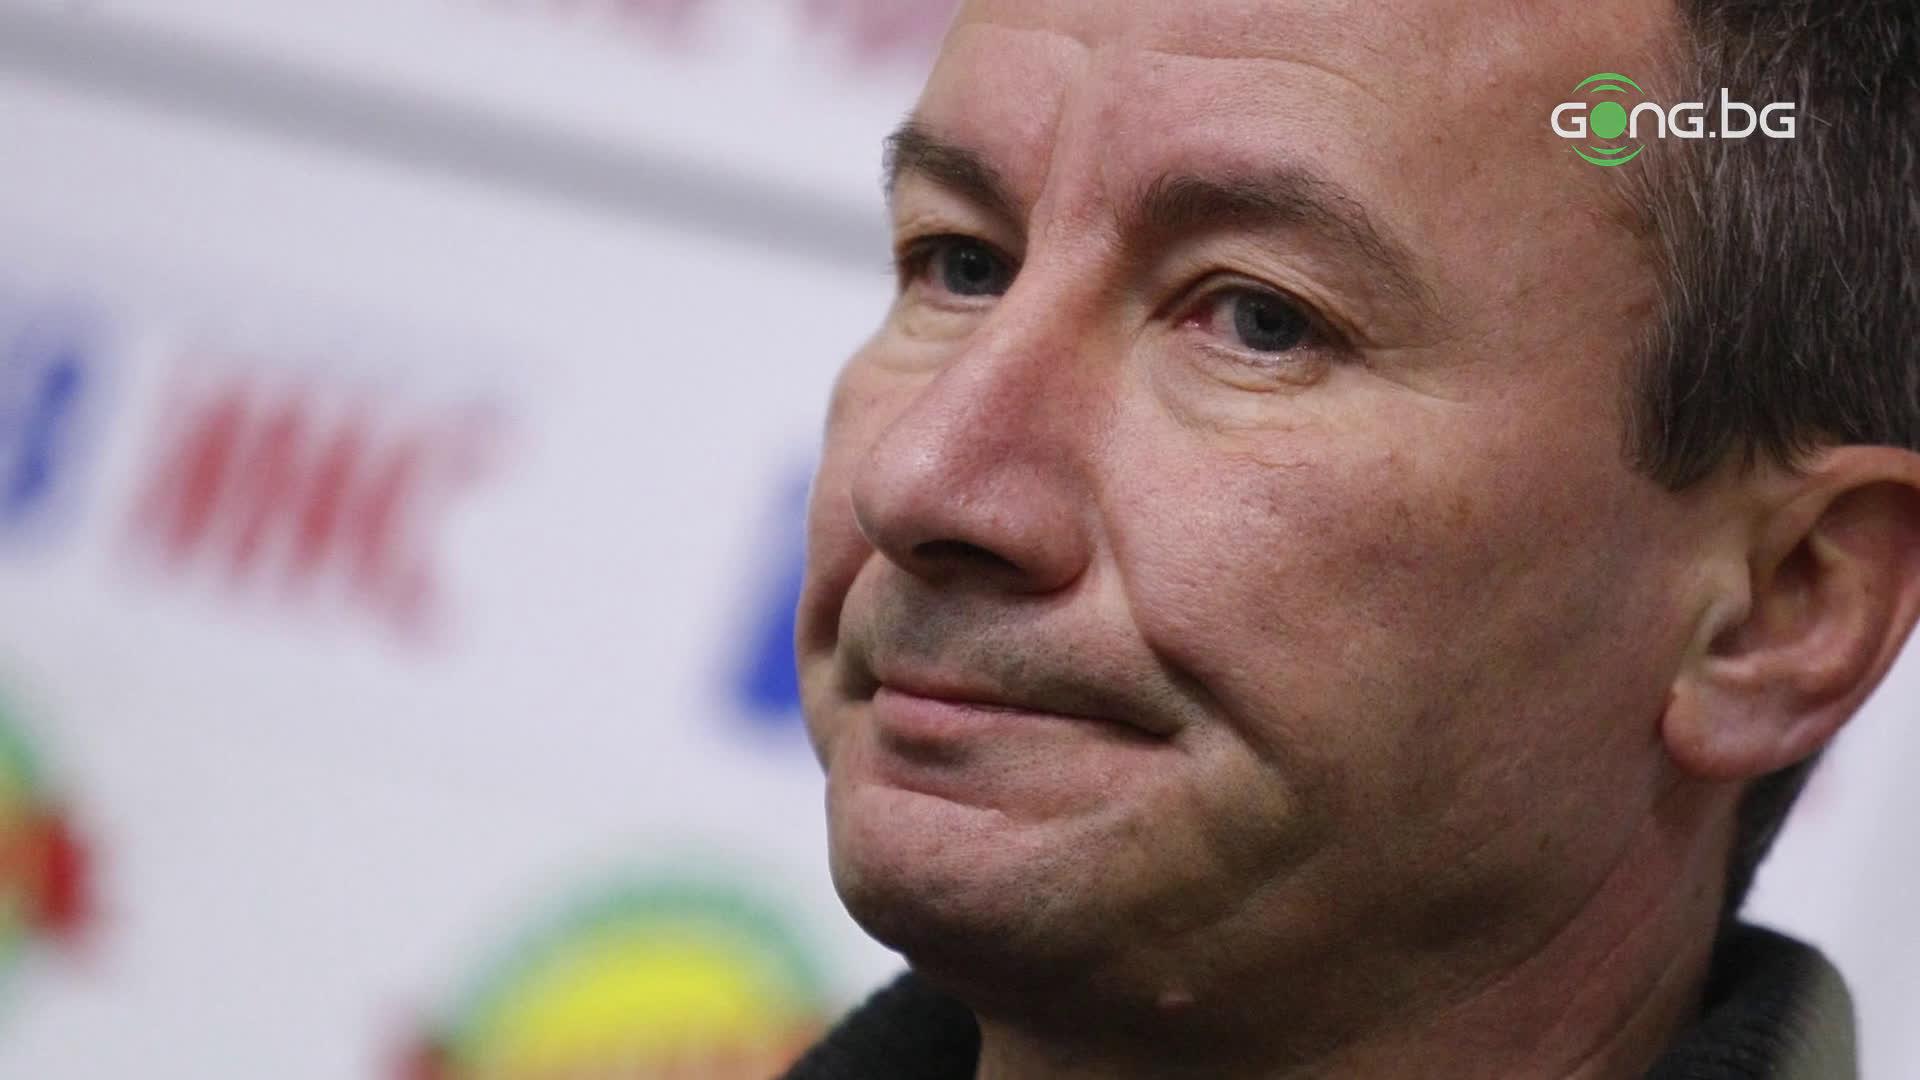 Стамен Белчев: Нямахме поставена цел за шестицата, но има разочарование